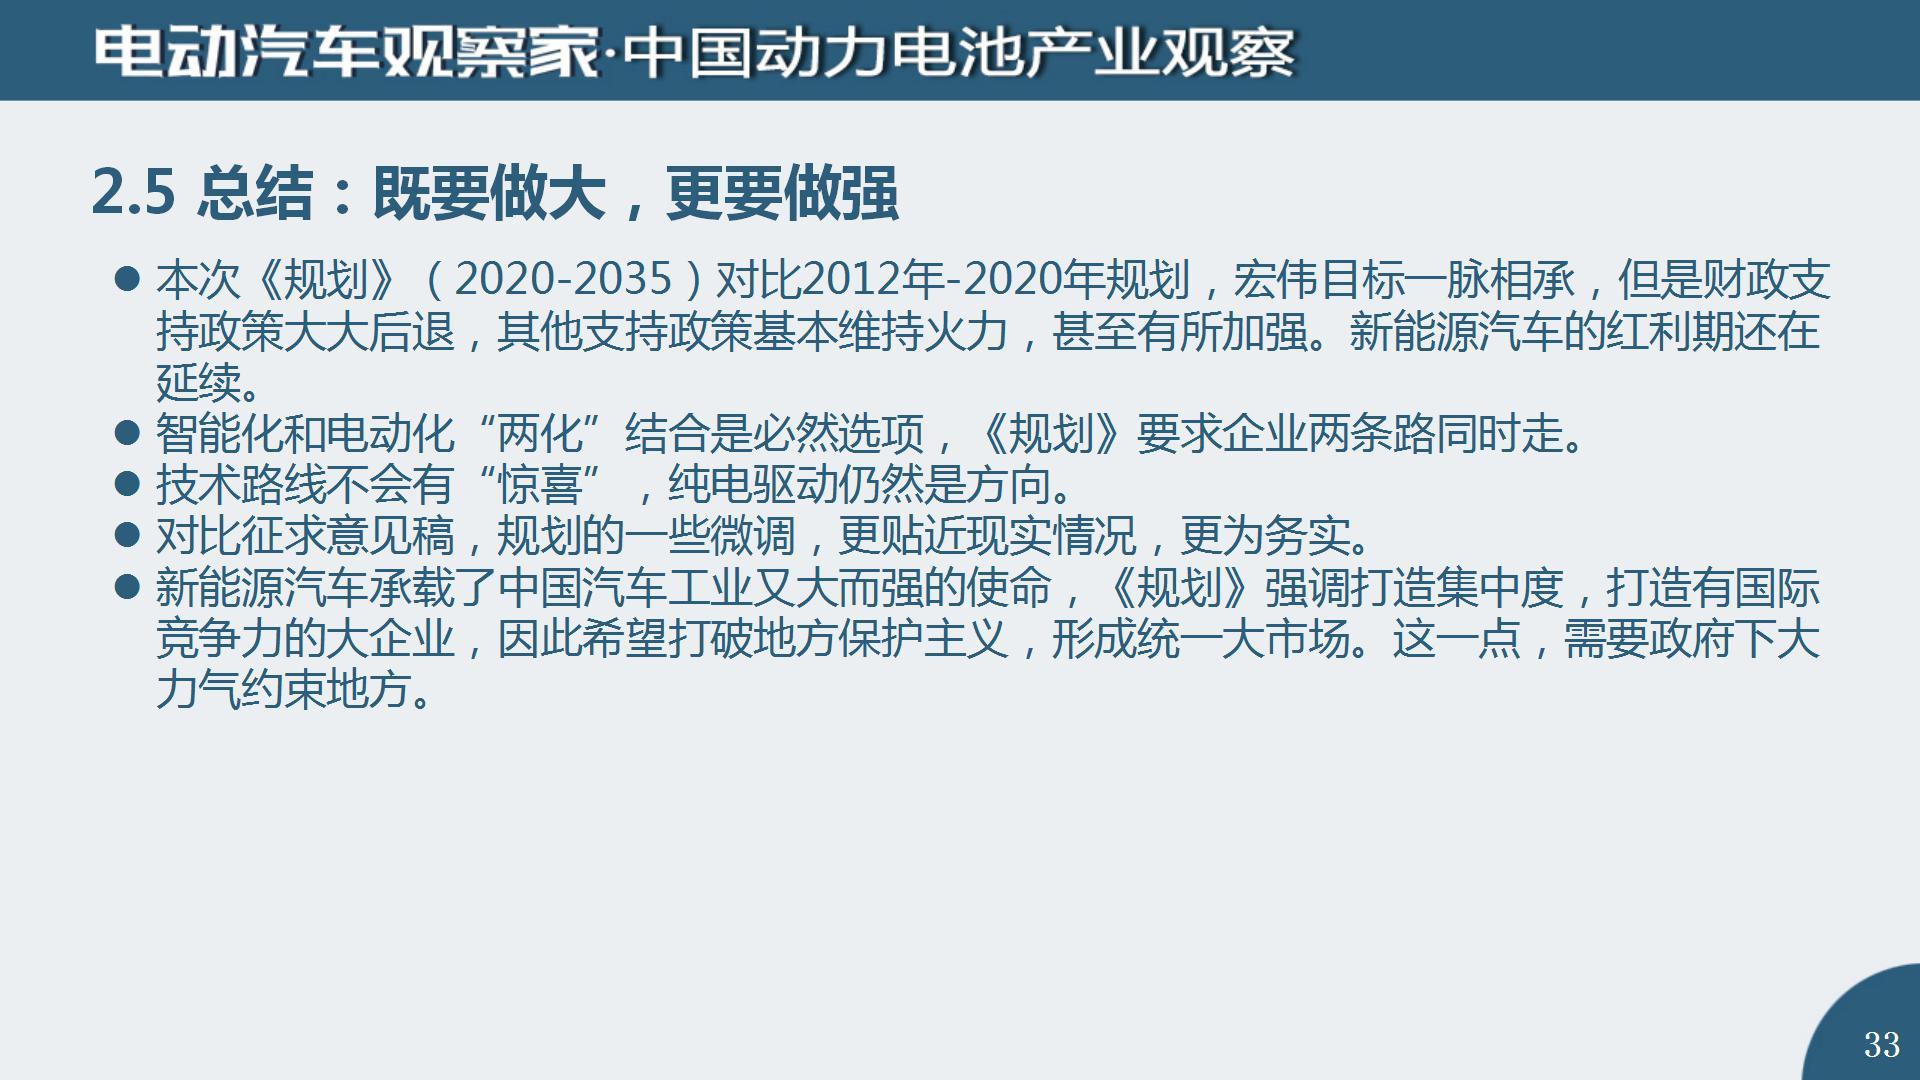 中国动力电池产业观察2020年9月_33